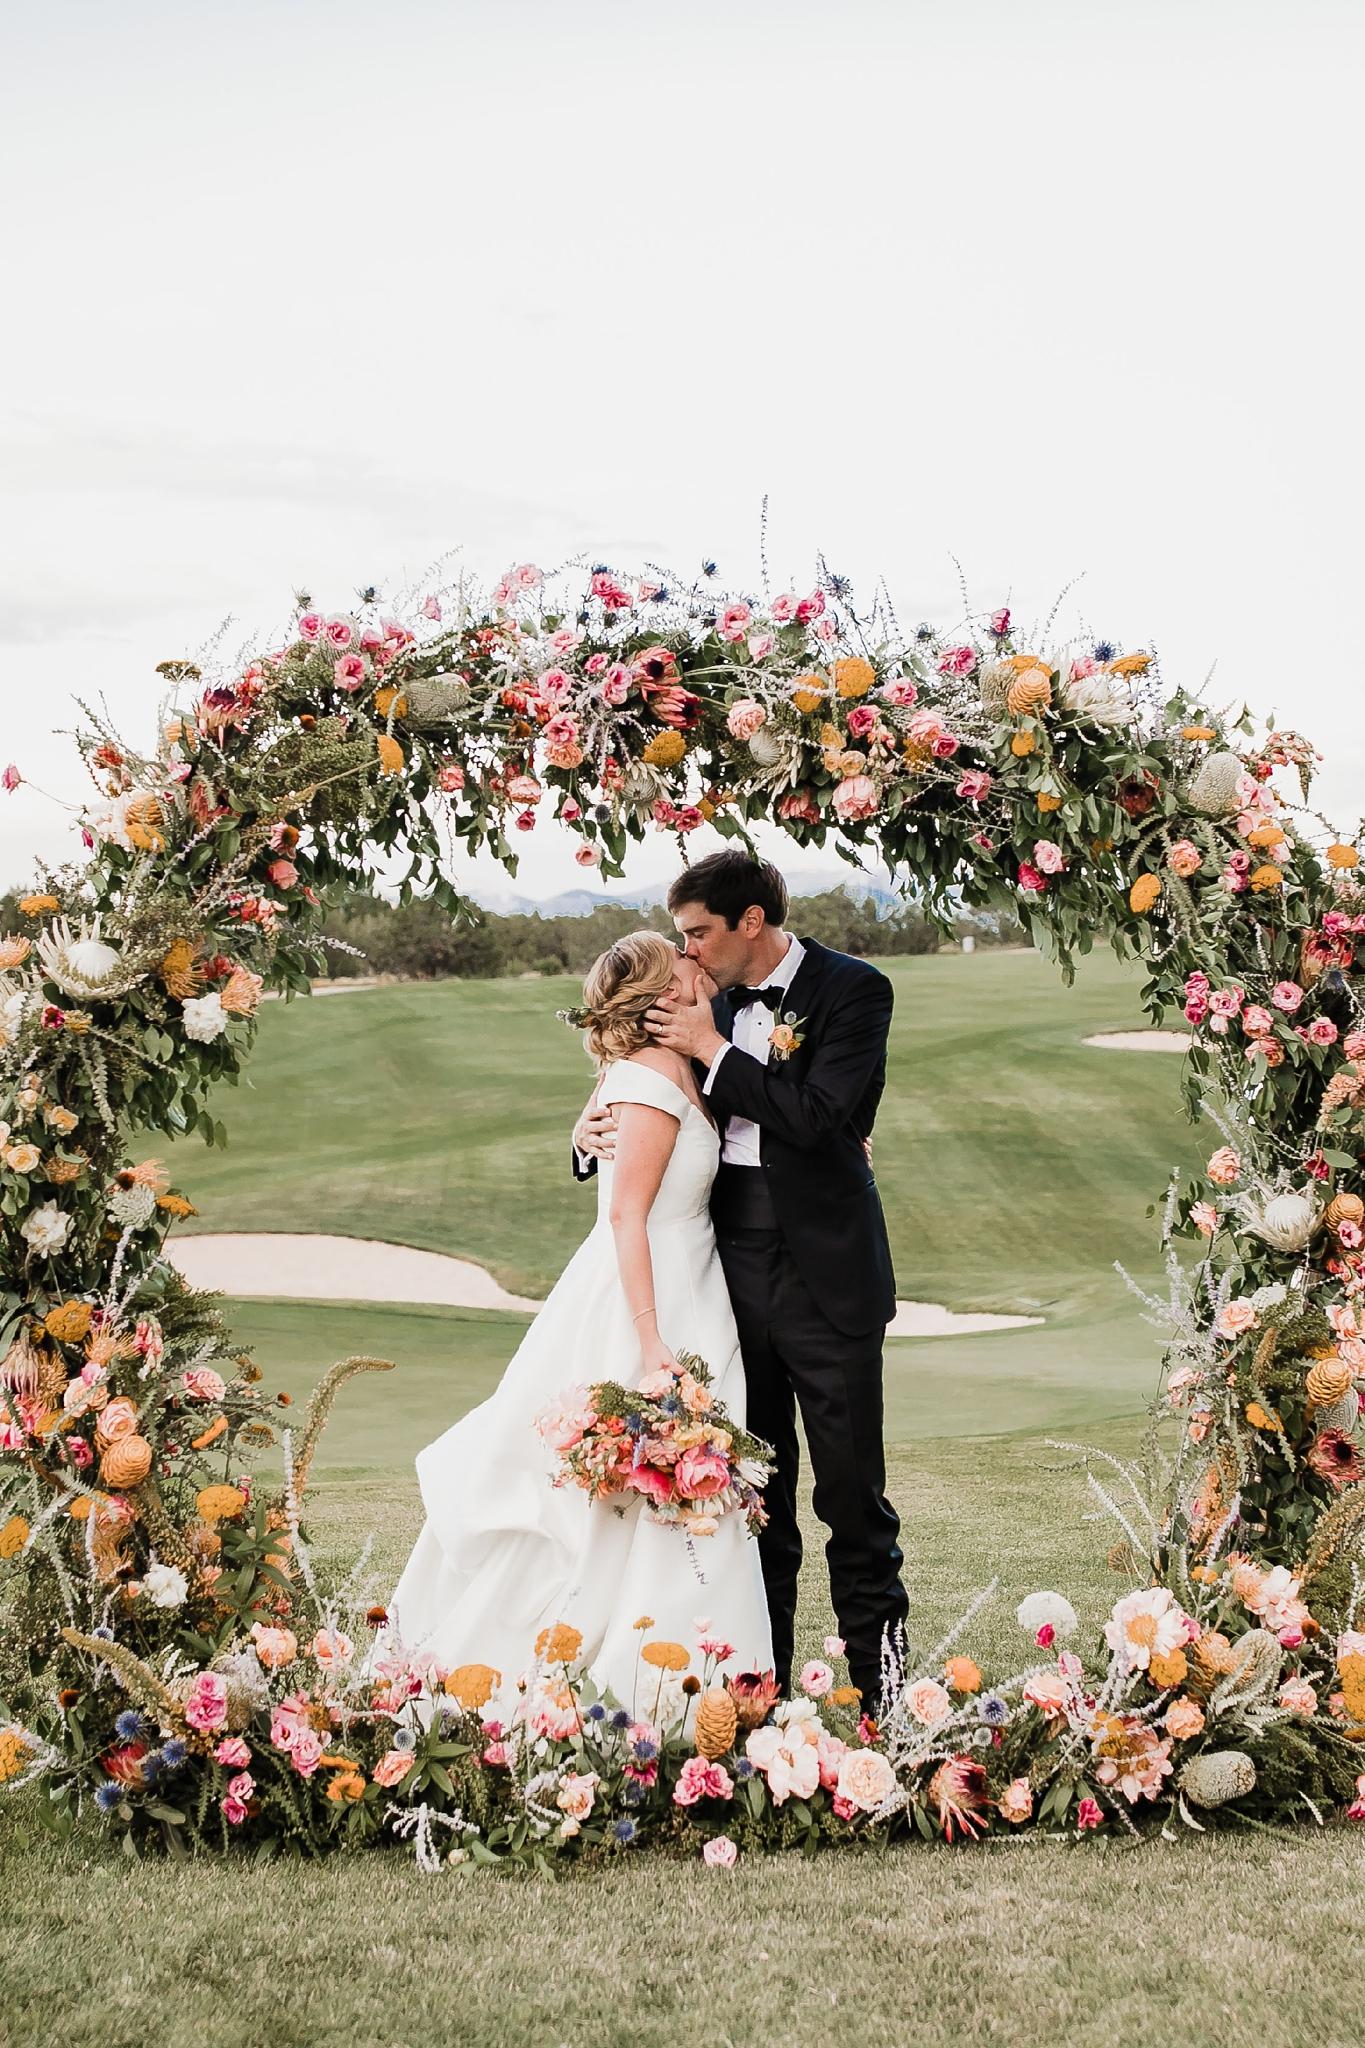 Alicia+lucia+photography+-+albuquerque+wedding+photographer+-+santa+fe+wedding+photography+-+new+mexico+wedding+photographer+-+new+mexico+wedding+-+summer+wedding+-+summer+wedding+florals+-+southwest+wedding_0066.jpg